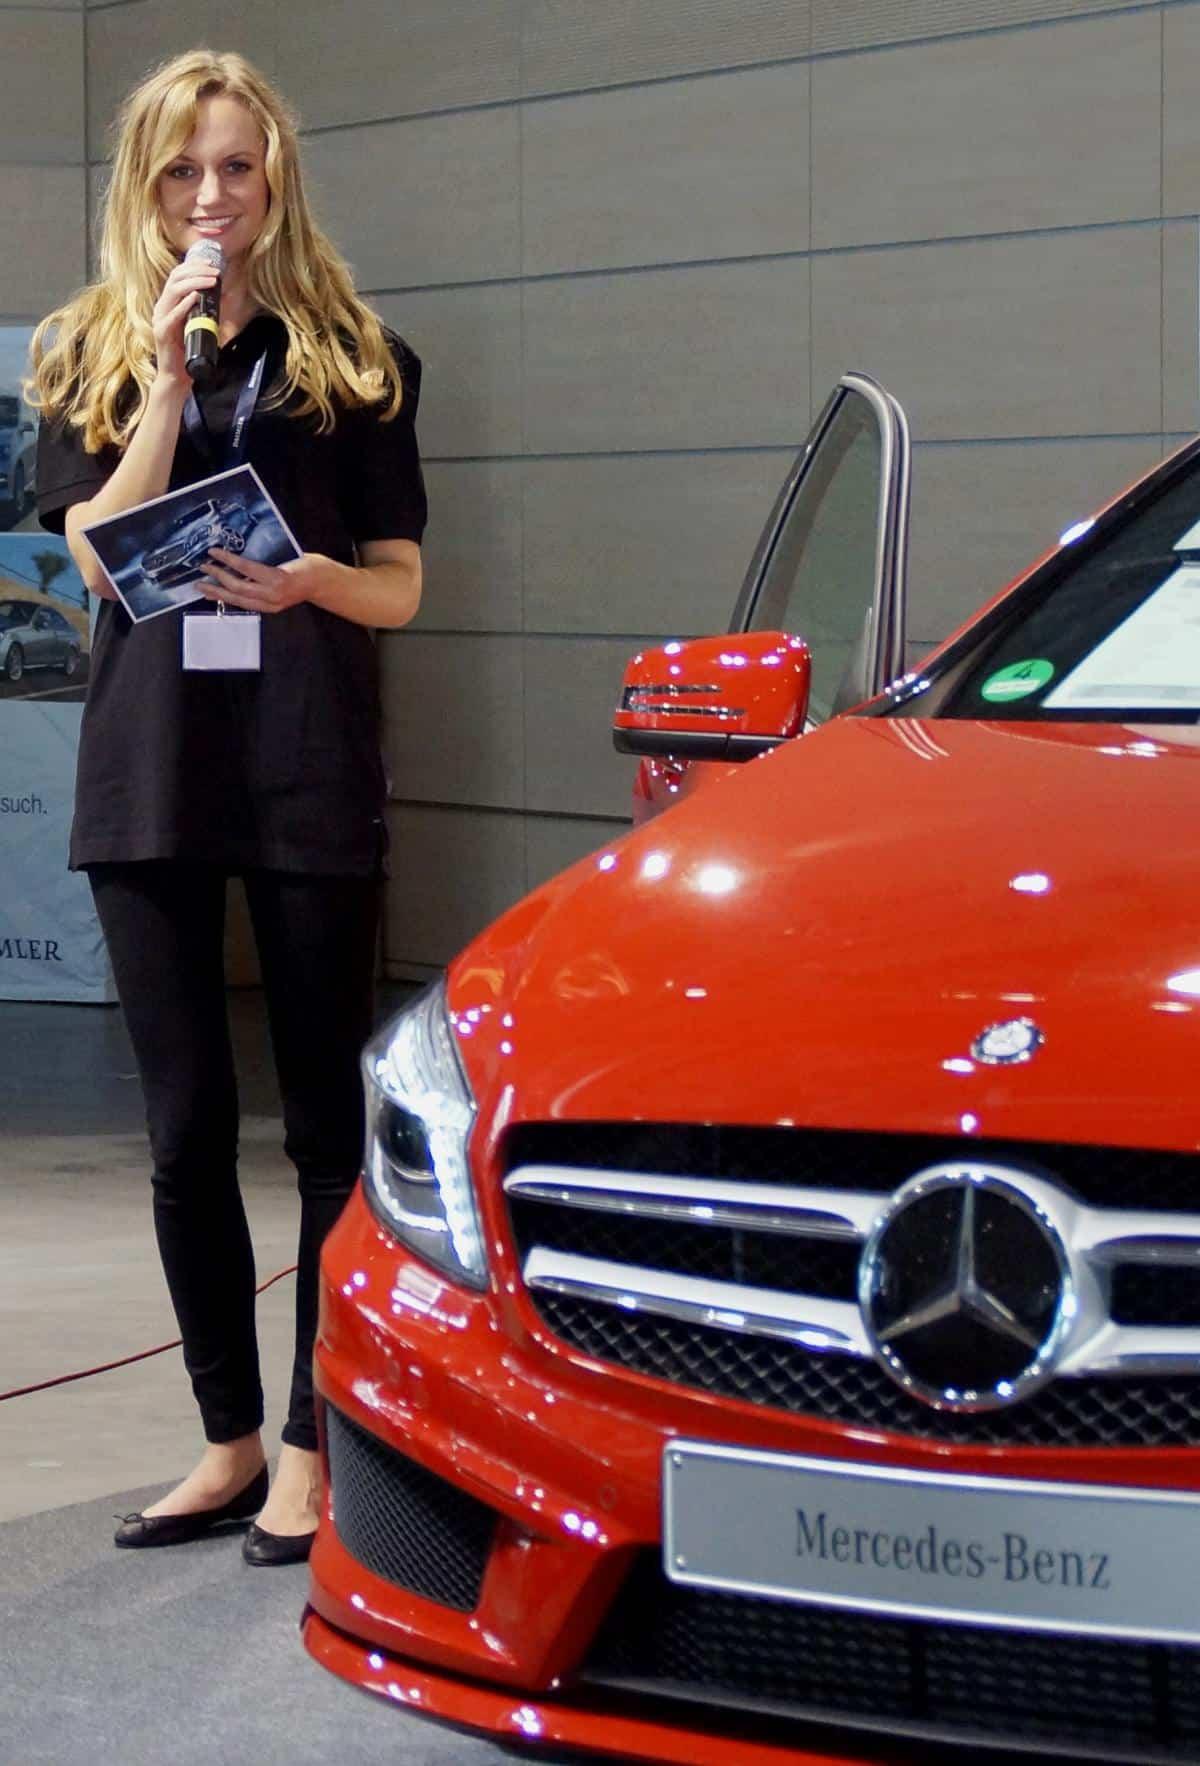 Janina Treis moderiert die Einführung der A-Klasse von Mercedes-Benz in Wörth/Germersheim. Begleitet von einem Kamerateam stellt die Moderatorin Ausstattungsvarianten vor und führt Gästeinterviews.